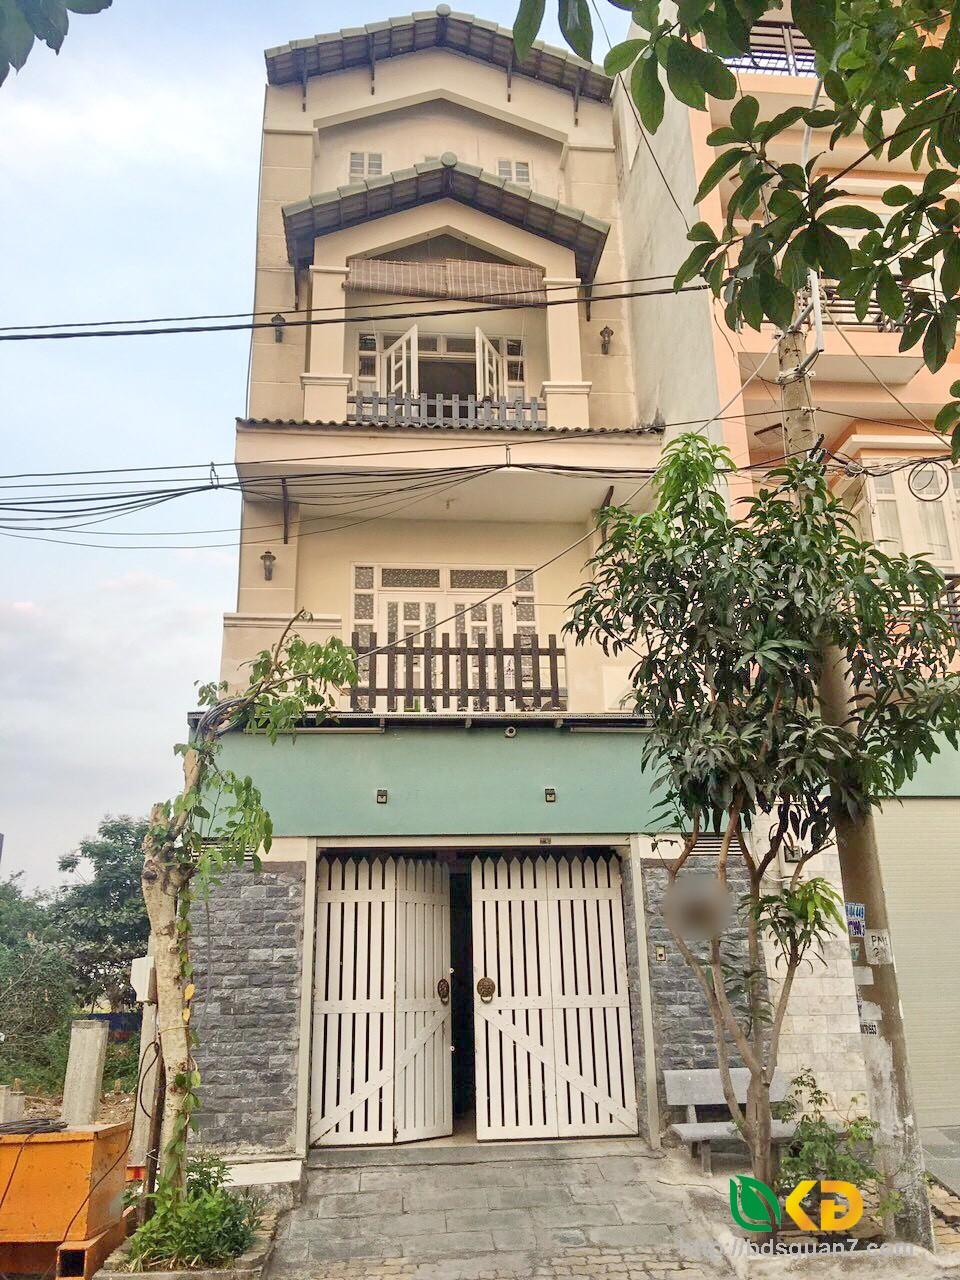 Bán nhà đẹp 2 lầu Đường số 1-khu dân cư Phú Mỹ phường Phú Mỹ Quận 7